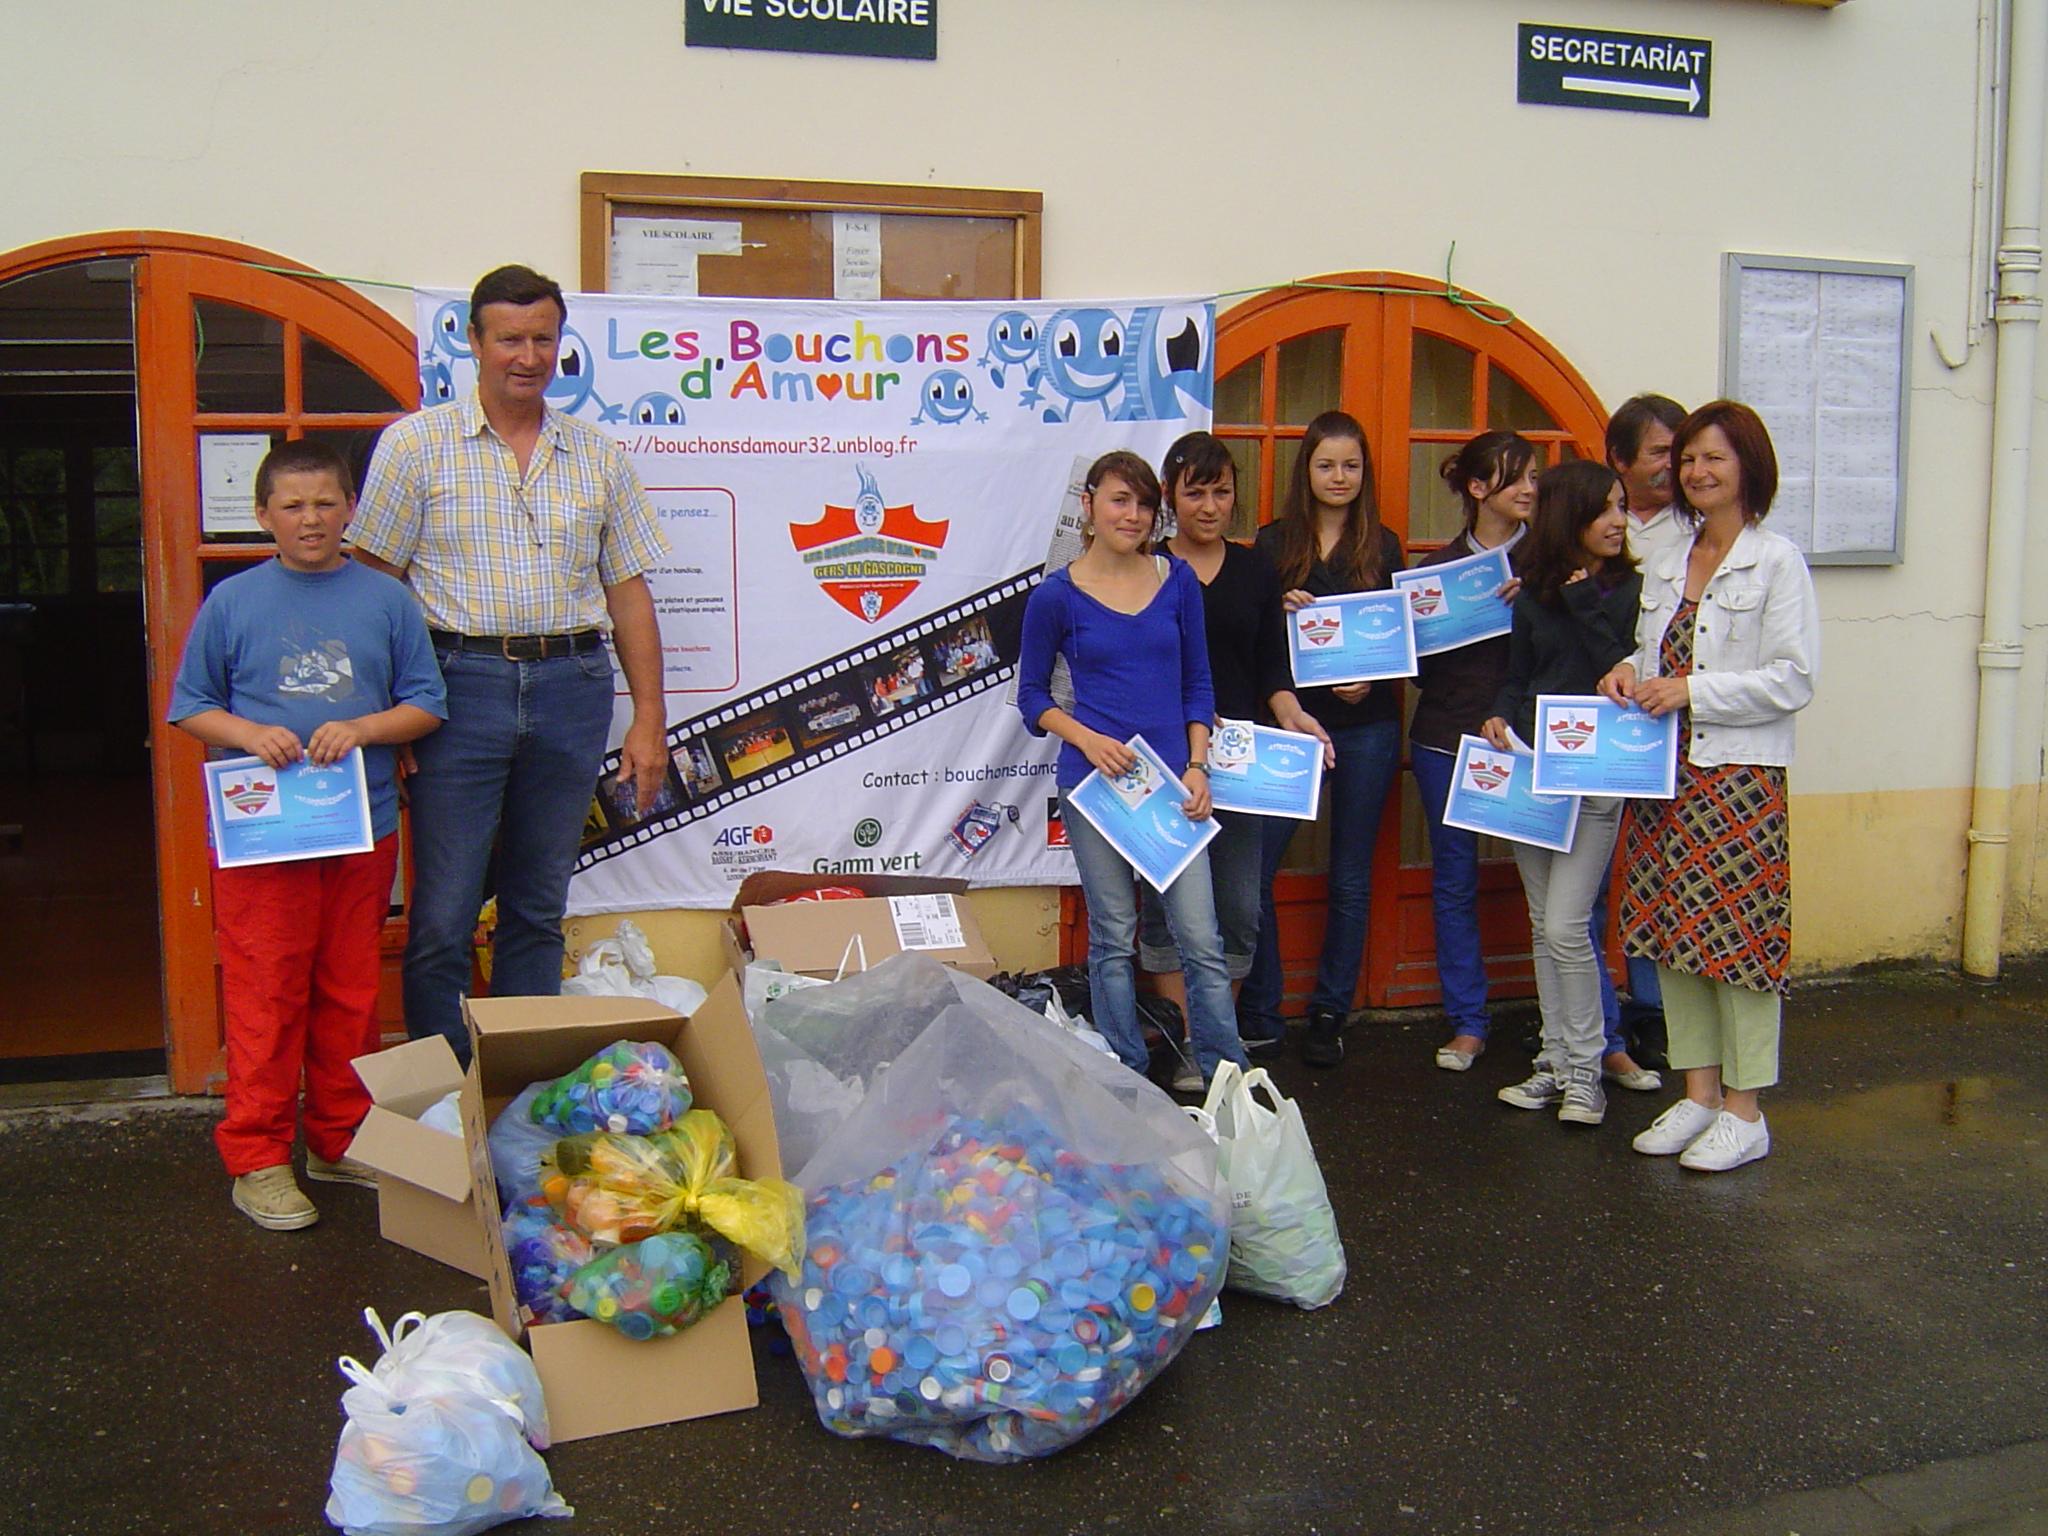 Le vendredi 5 juin 2009 les élèves du Collège de Plaisance du Gers et Nathalie Patat remettent la collecte de bouchons à Guy Marquillie et Michel Odriozola